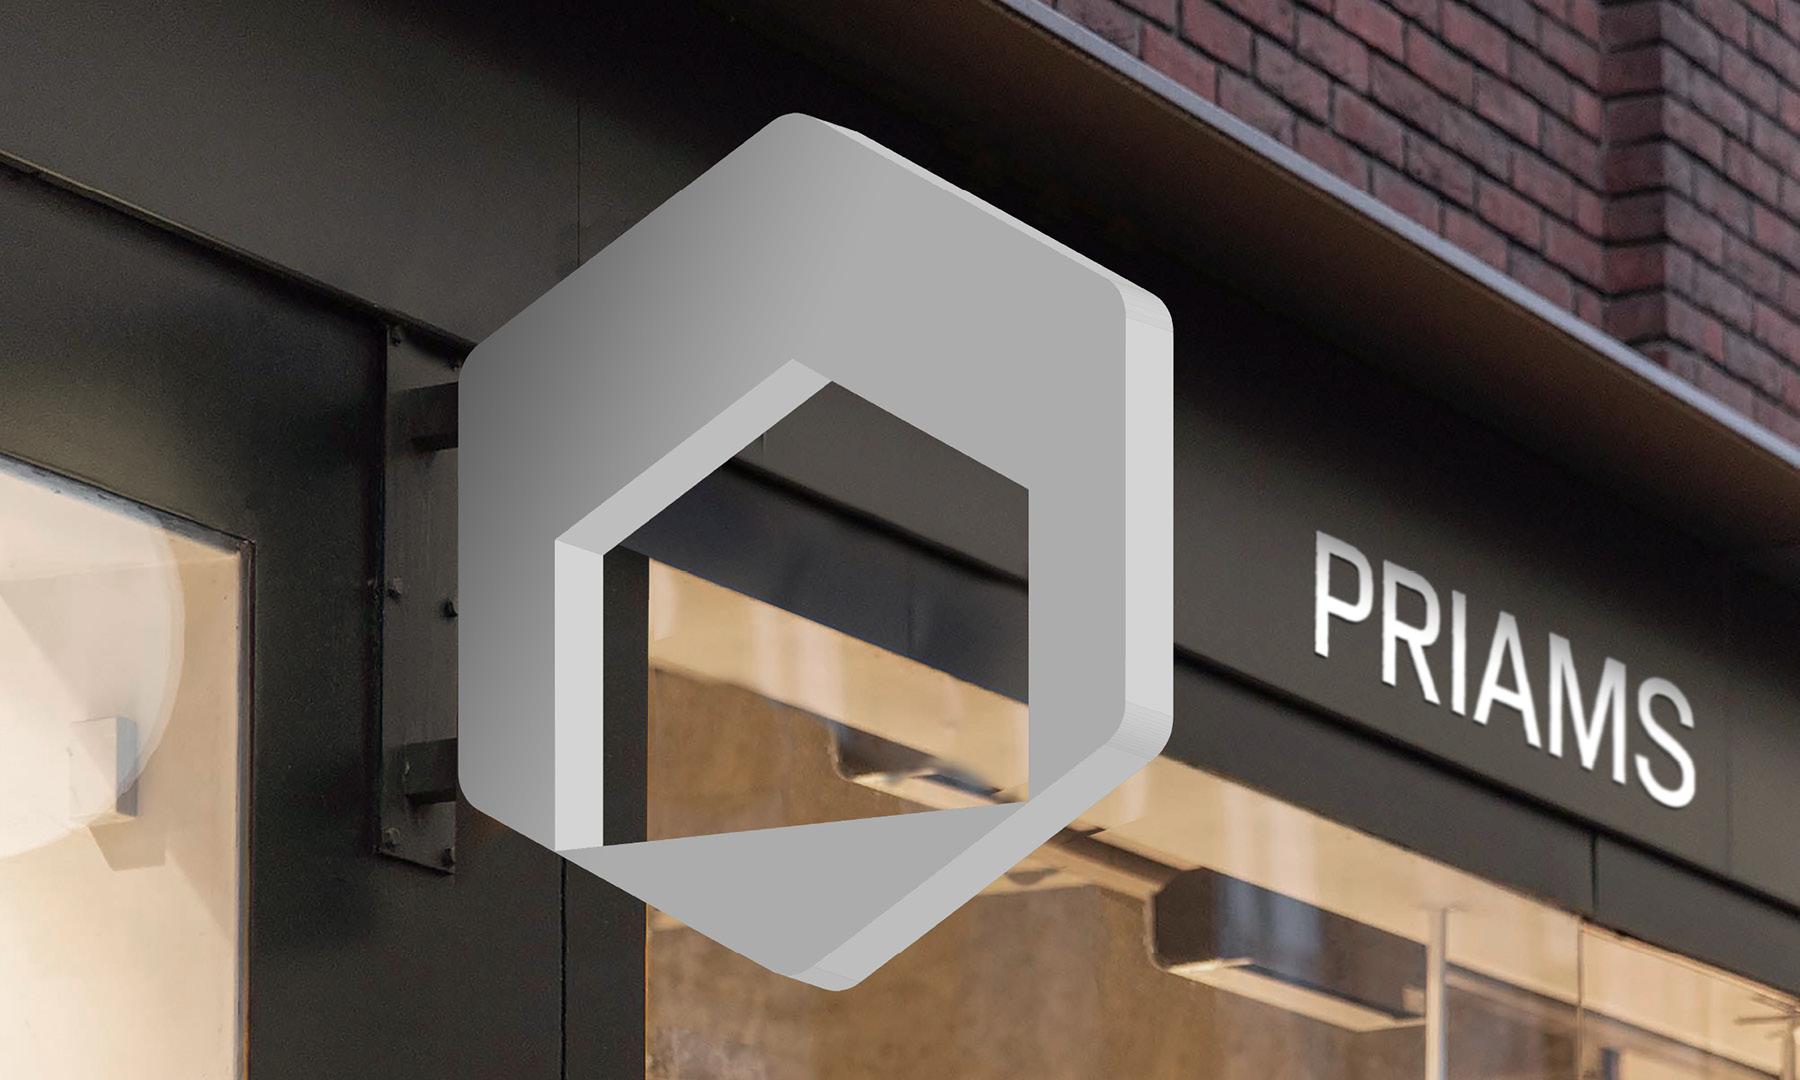 PRIAMS - Le bien, immobilier